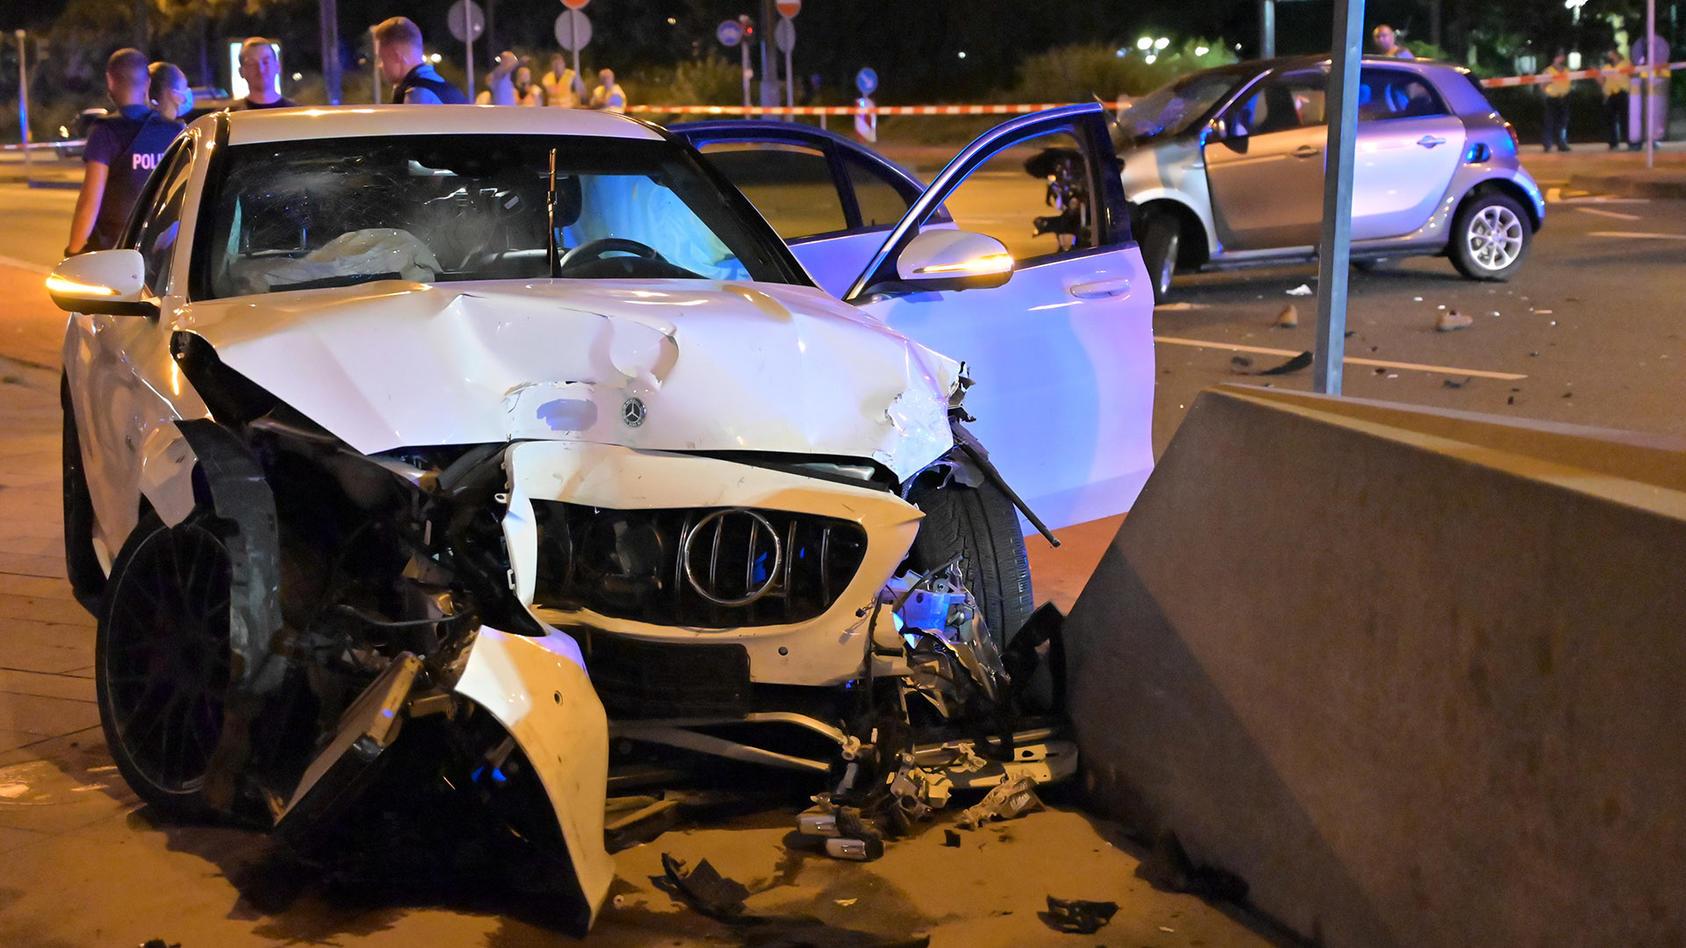 Die beiden Unfallautos nach dem Crash in der Frankfurter Innenstadt